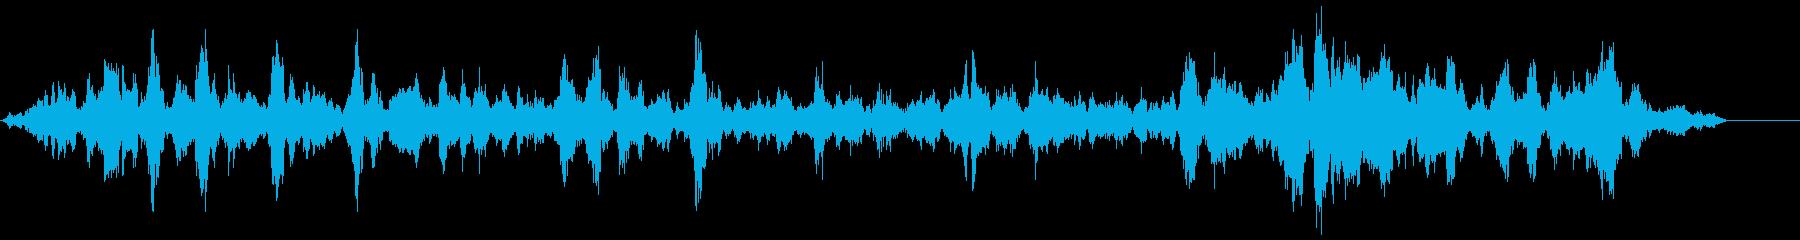 ゾンビ(グループ)攻撃6の再生済みの波形